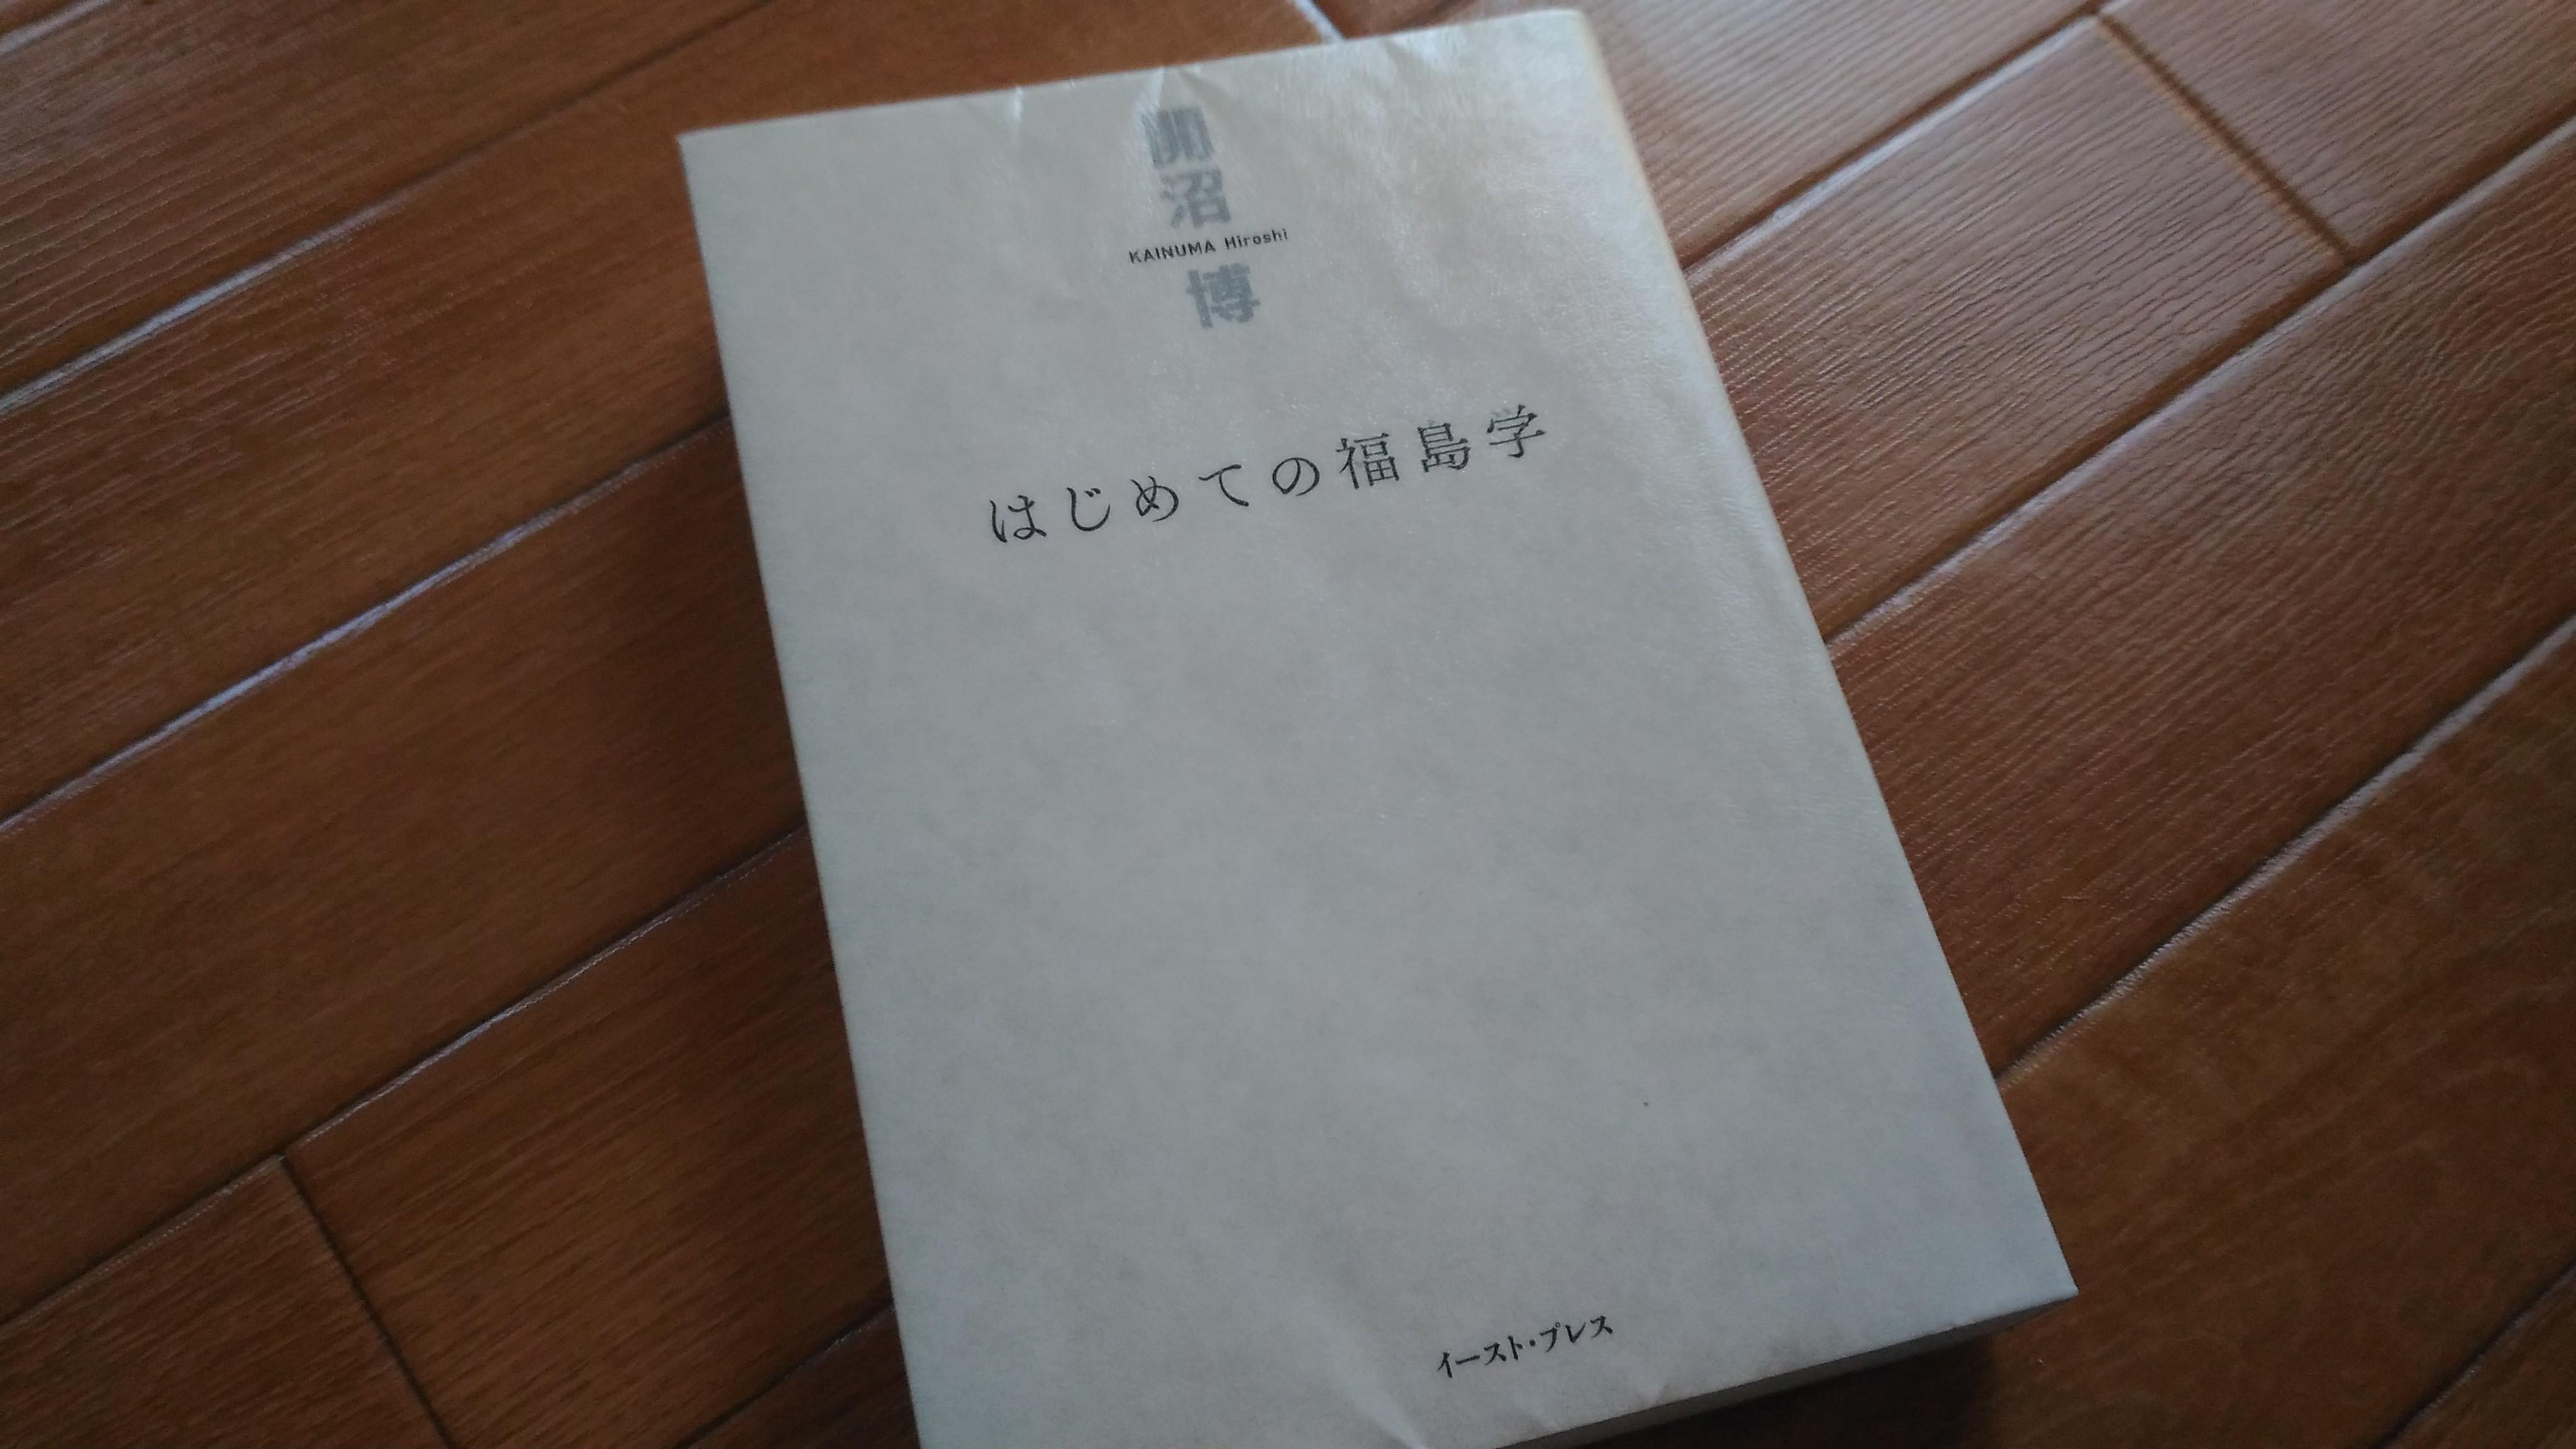 『はじめての福島学』 01